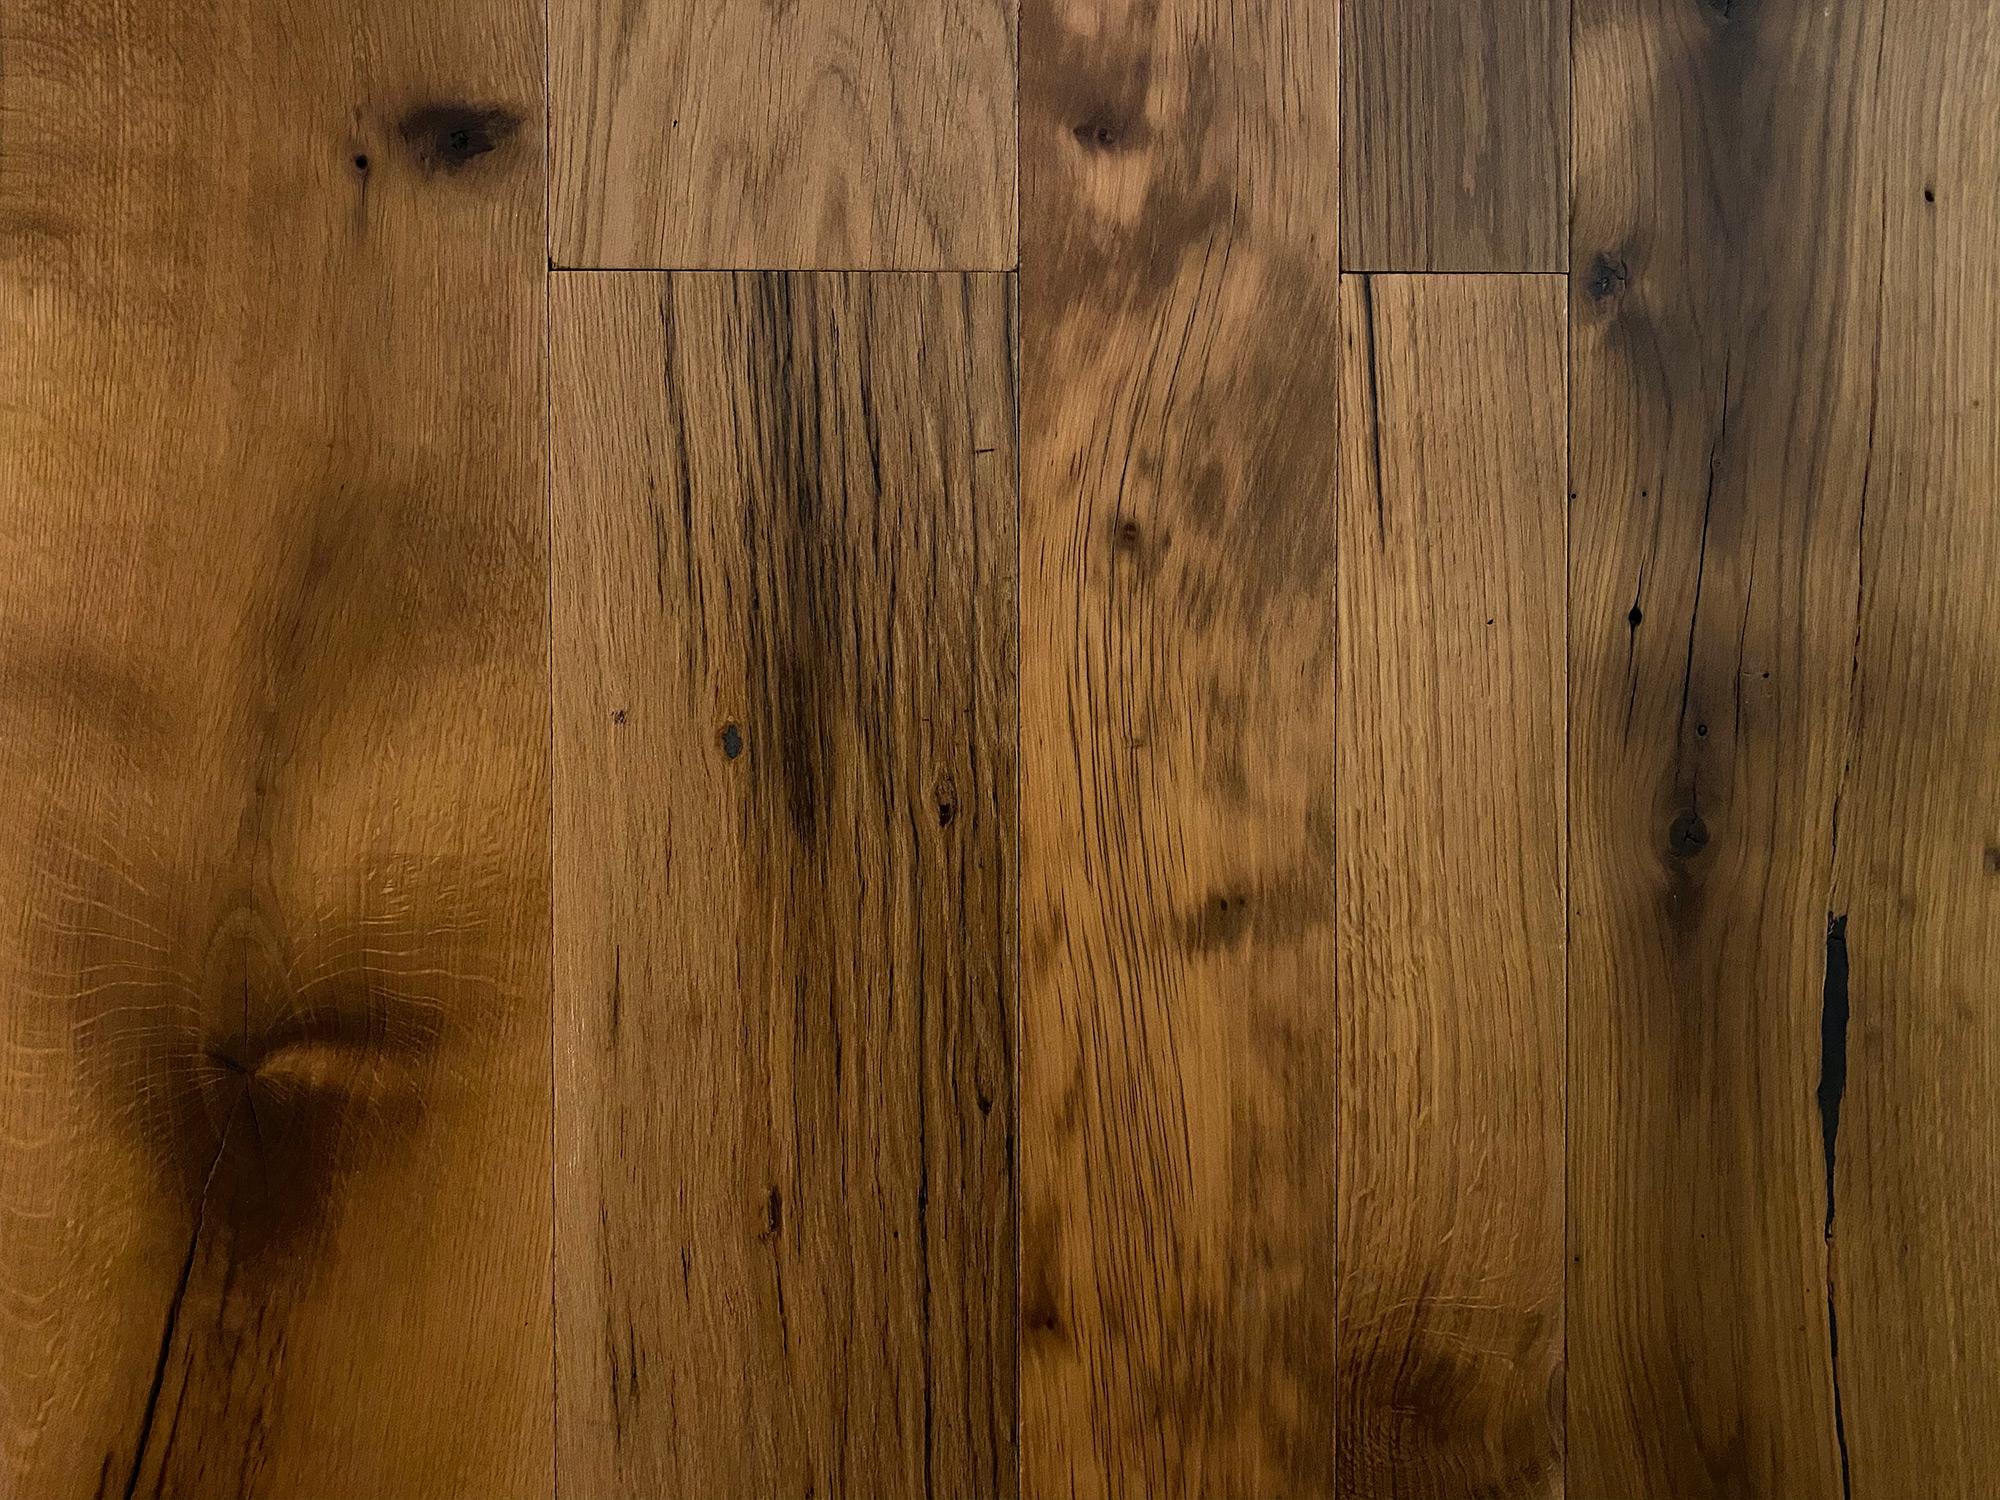 Reclaimed floor in oak finish